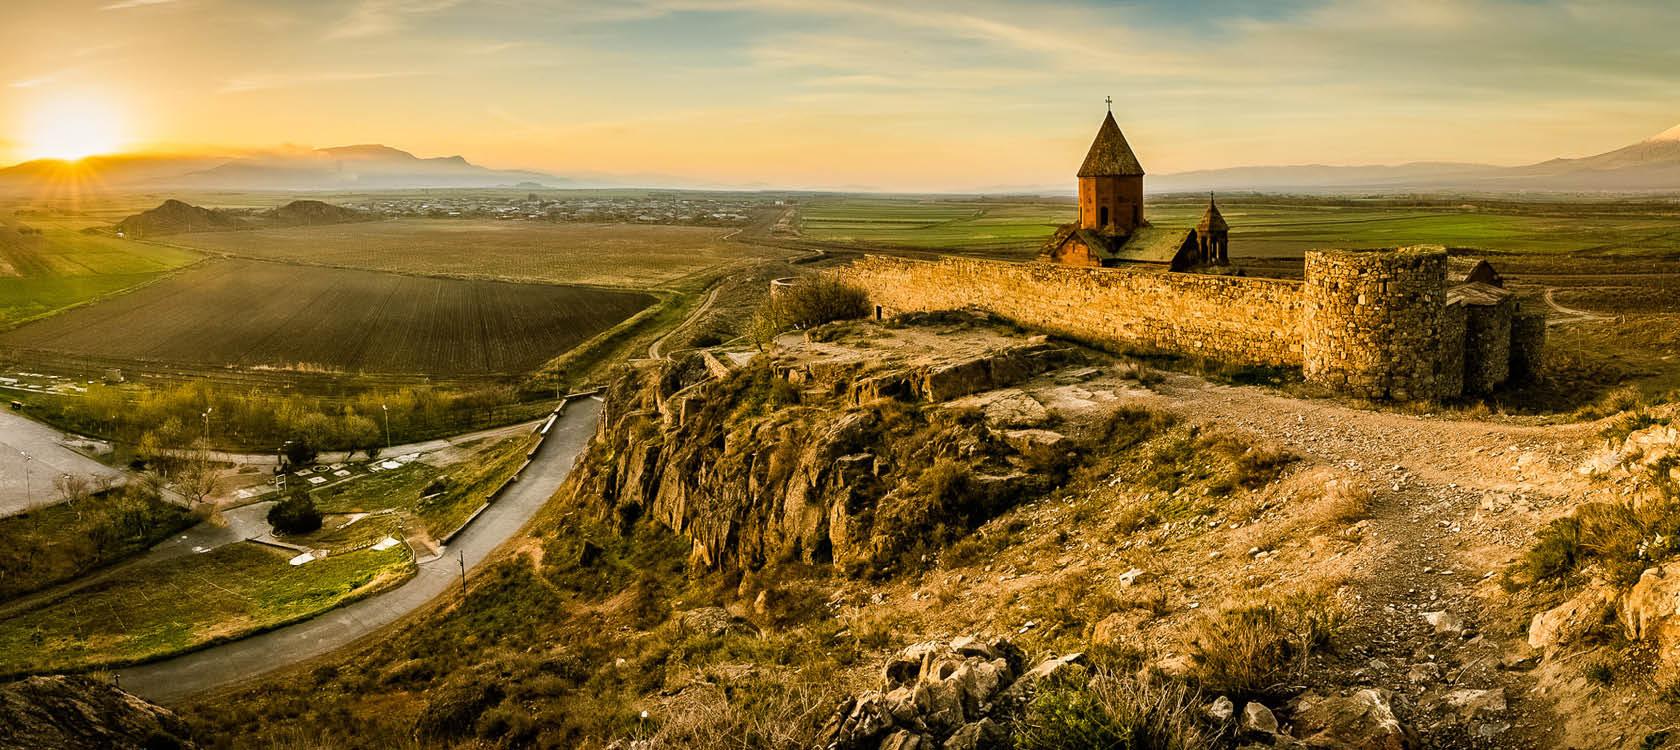 Khor Virap framför berget Ararat i Armenien.